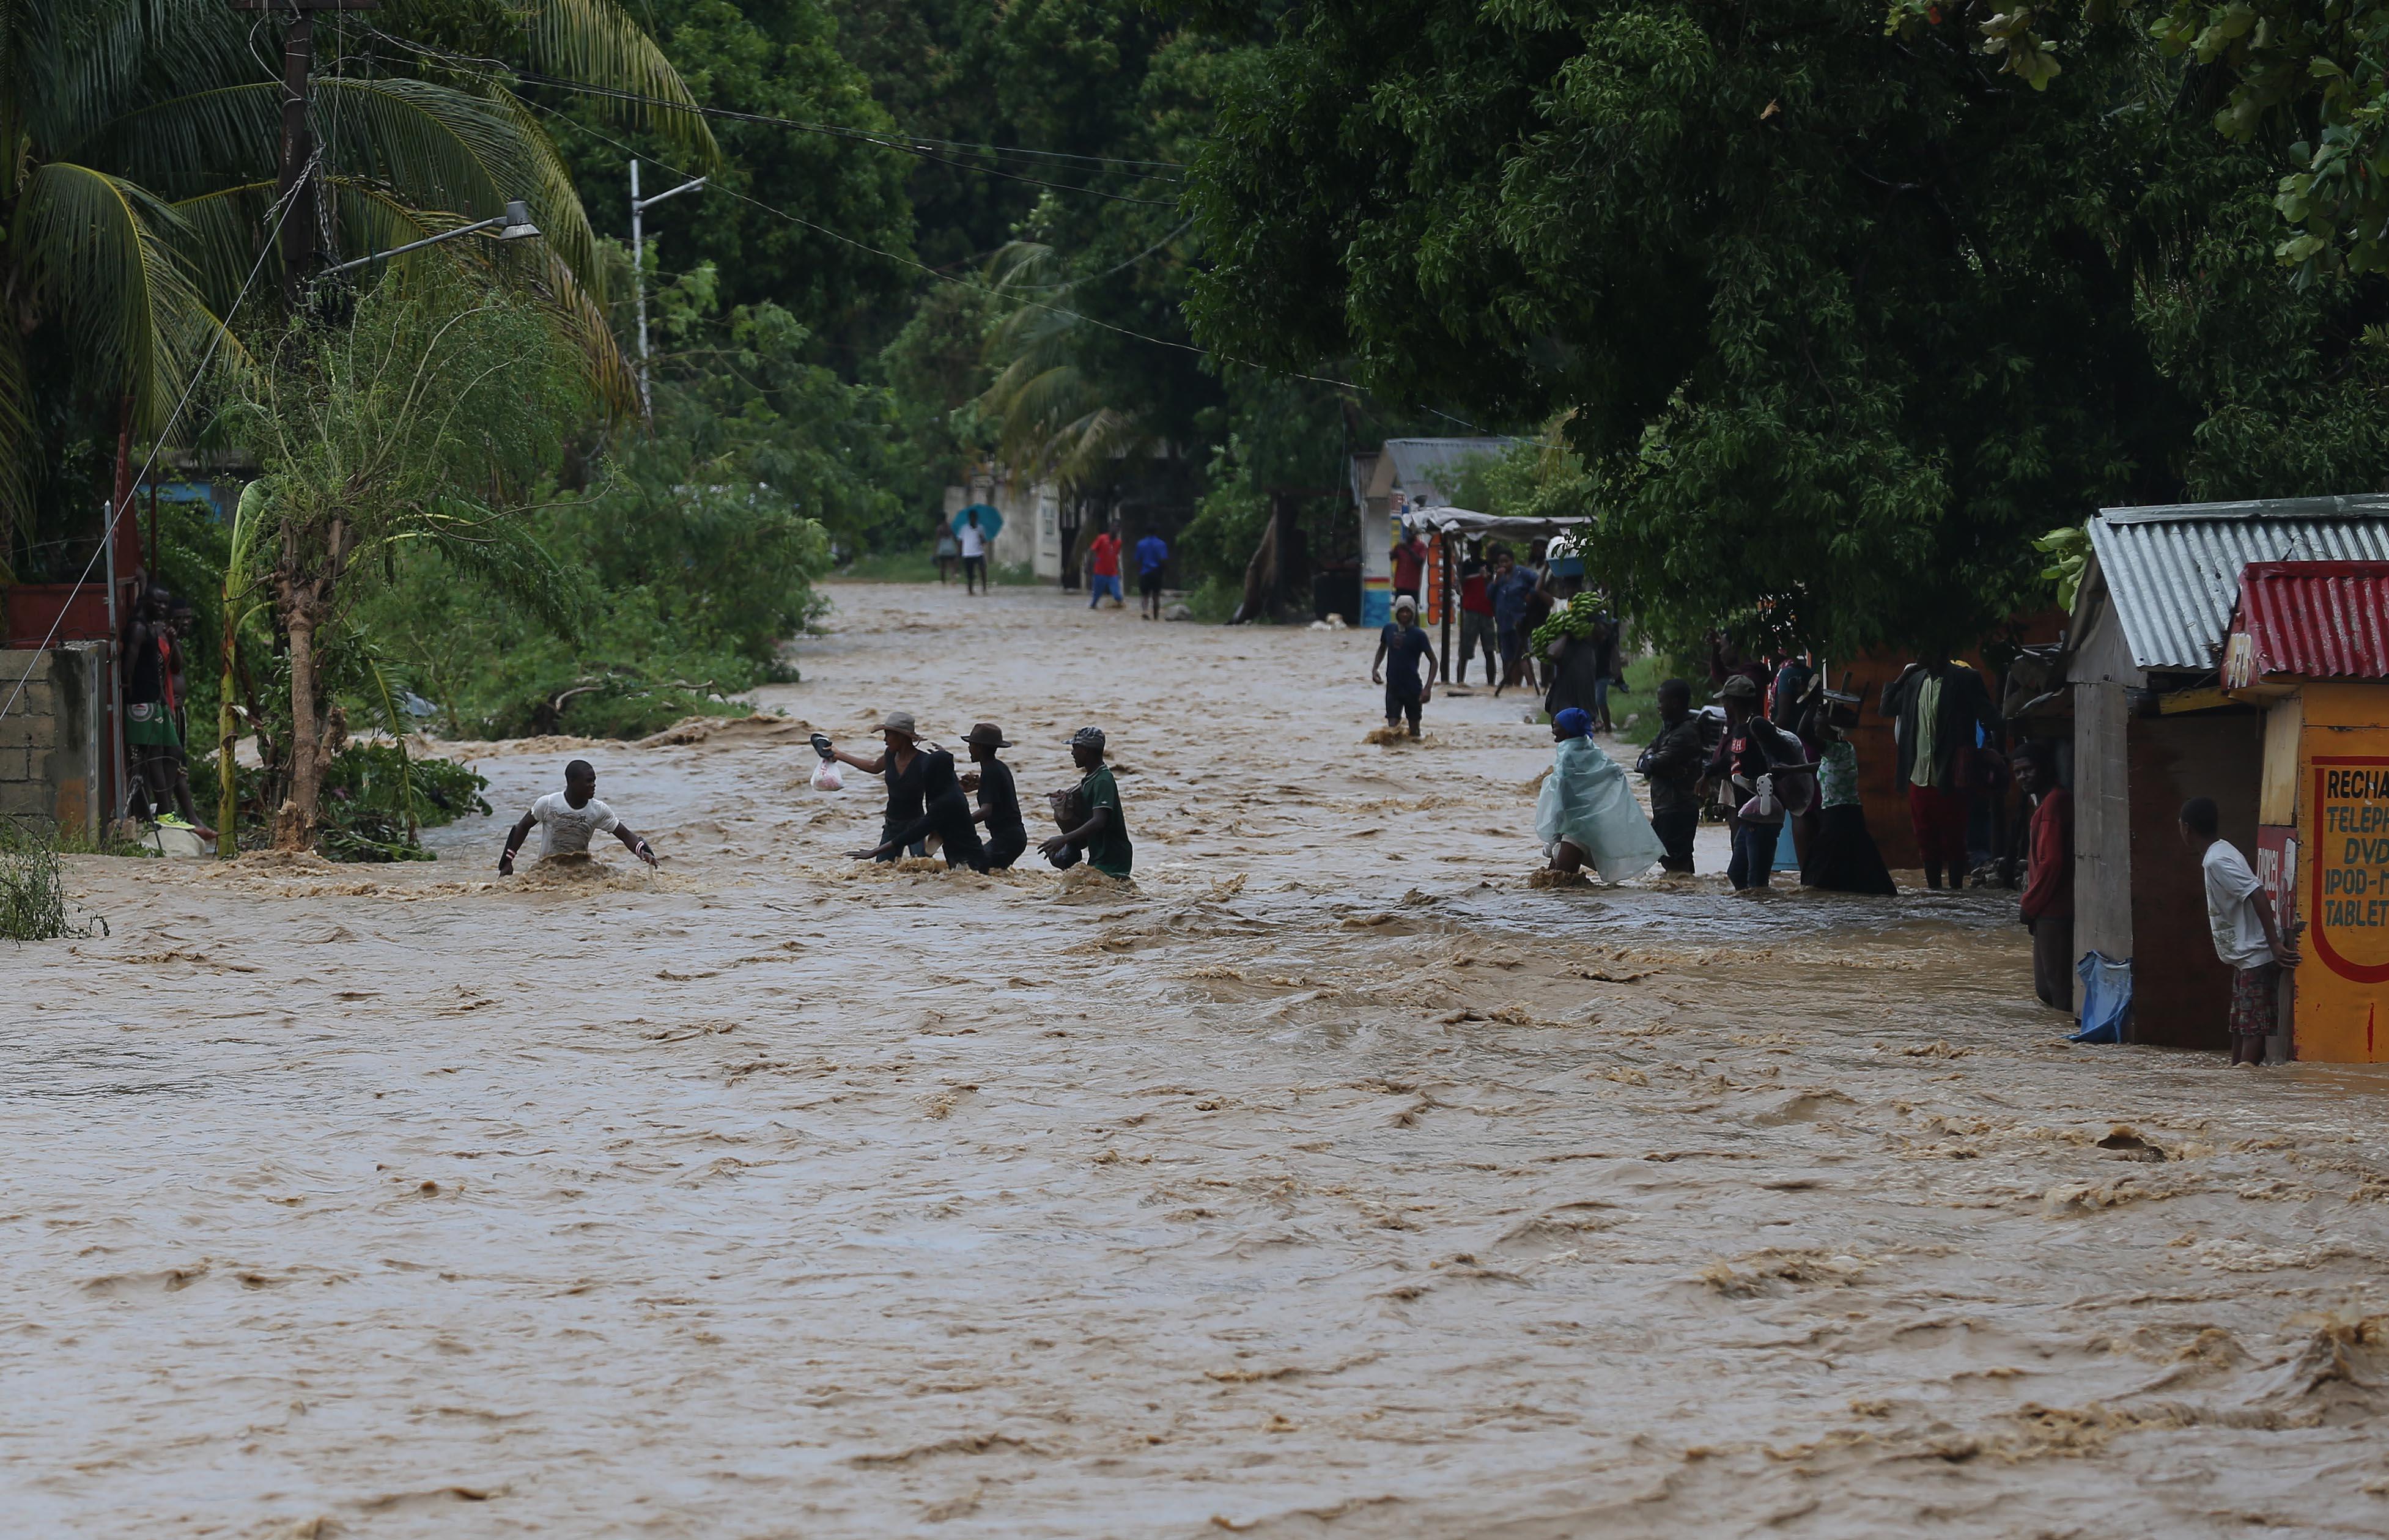 HAI01. LEOGANE (HAITI), 05/10/16.- Personas intentan cruzar una calle inundada tras el paso del huracán Matthew hoy, 5 de octubre de 2016, en Leogane (Haití). El poderoso huracán de categoría 4 Matthew continúa su ruta con vientos máximos de 140 millas por hora (220 km/h). La región sur de Haití sigue hoy incomunicada por los estragos causados por el poderoso huracán Matthew, que azotó el país este martes y causó al menos nueve muertos. EFE/Orlando Barría